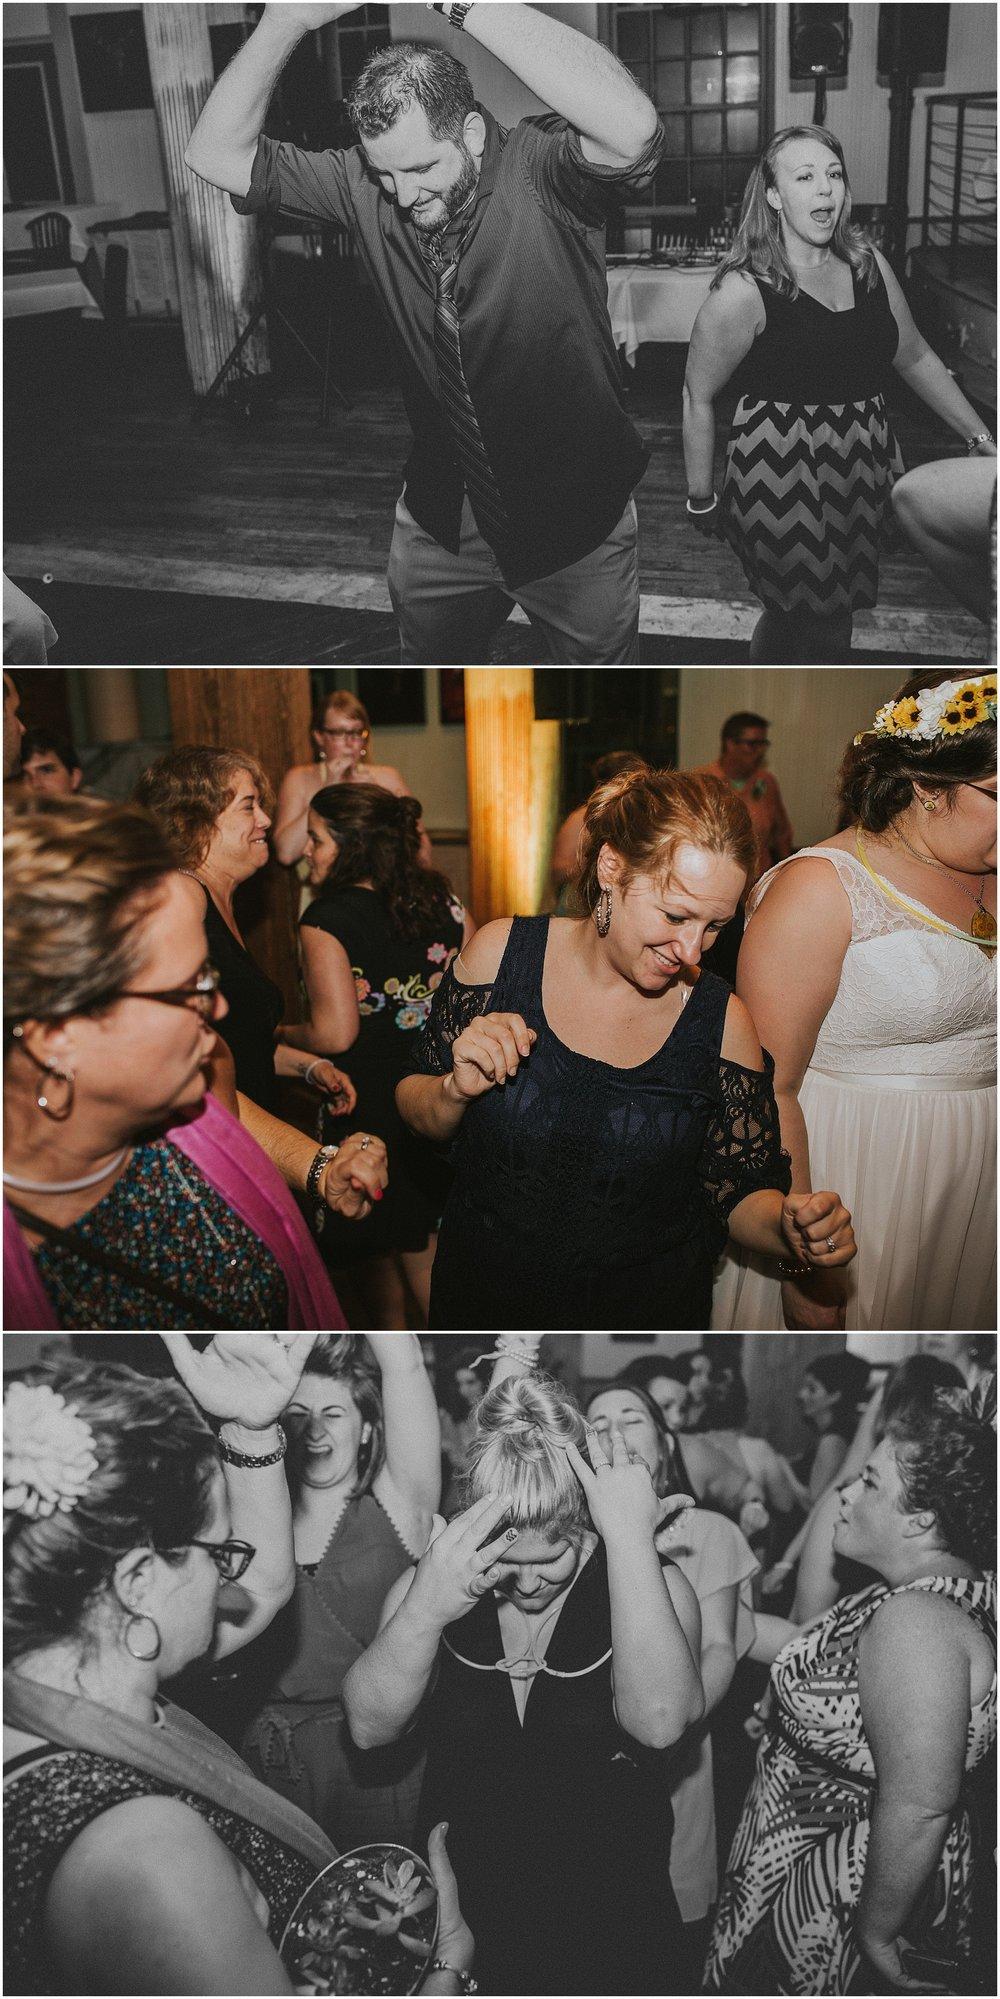 Reading-Pennsylvania-Outdoor-Wedding-DIY-Bride-Groom-Dancing-Laughter-Reception (1).jpg